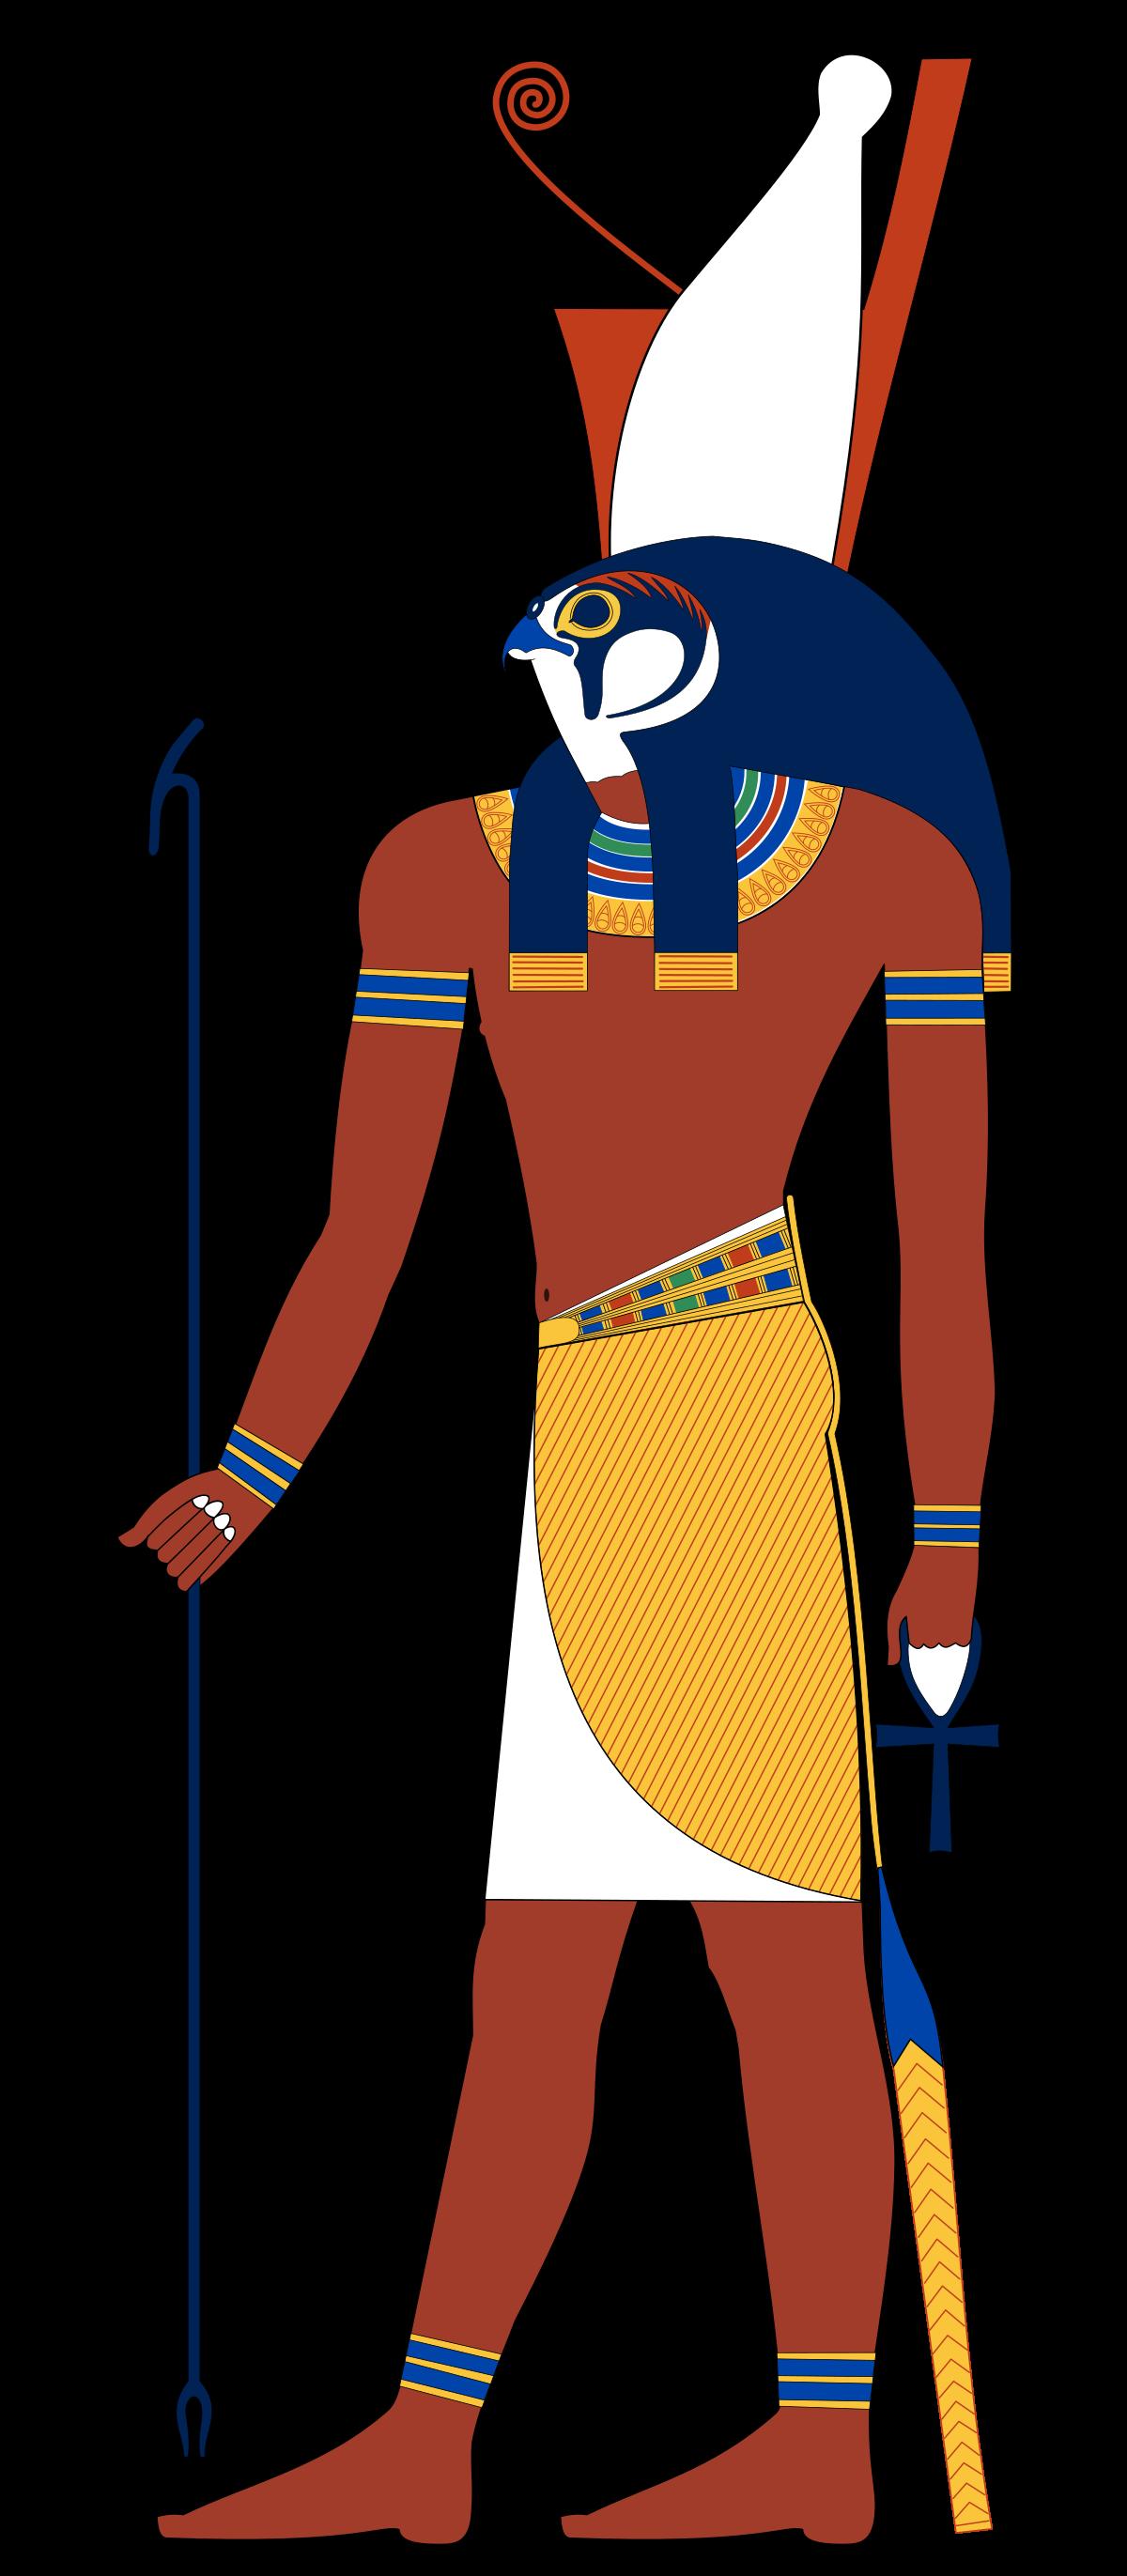 hieroglifele penisului pe care medic îl veți contacta dacă aveți o erecție slabă